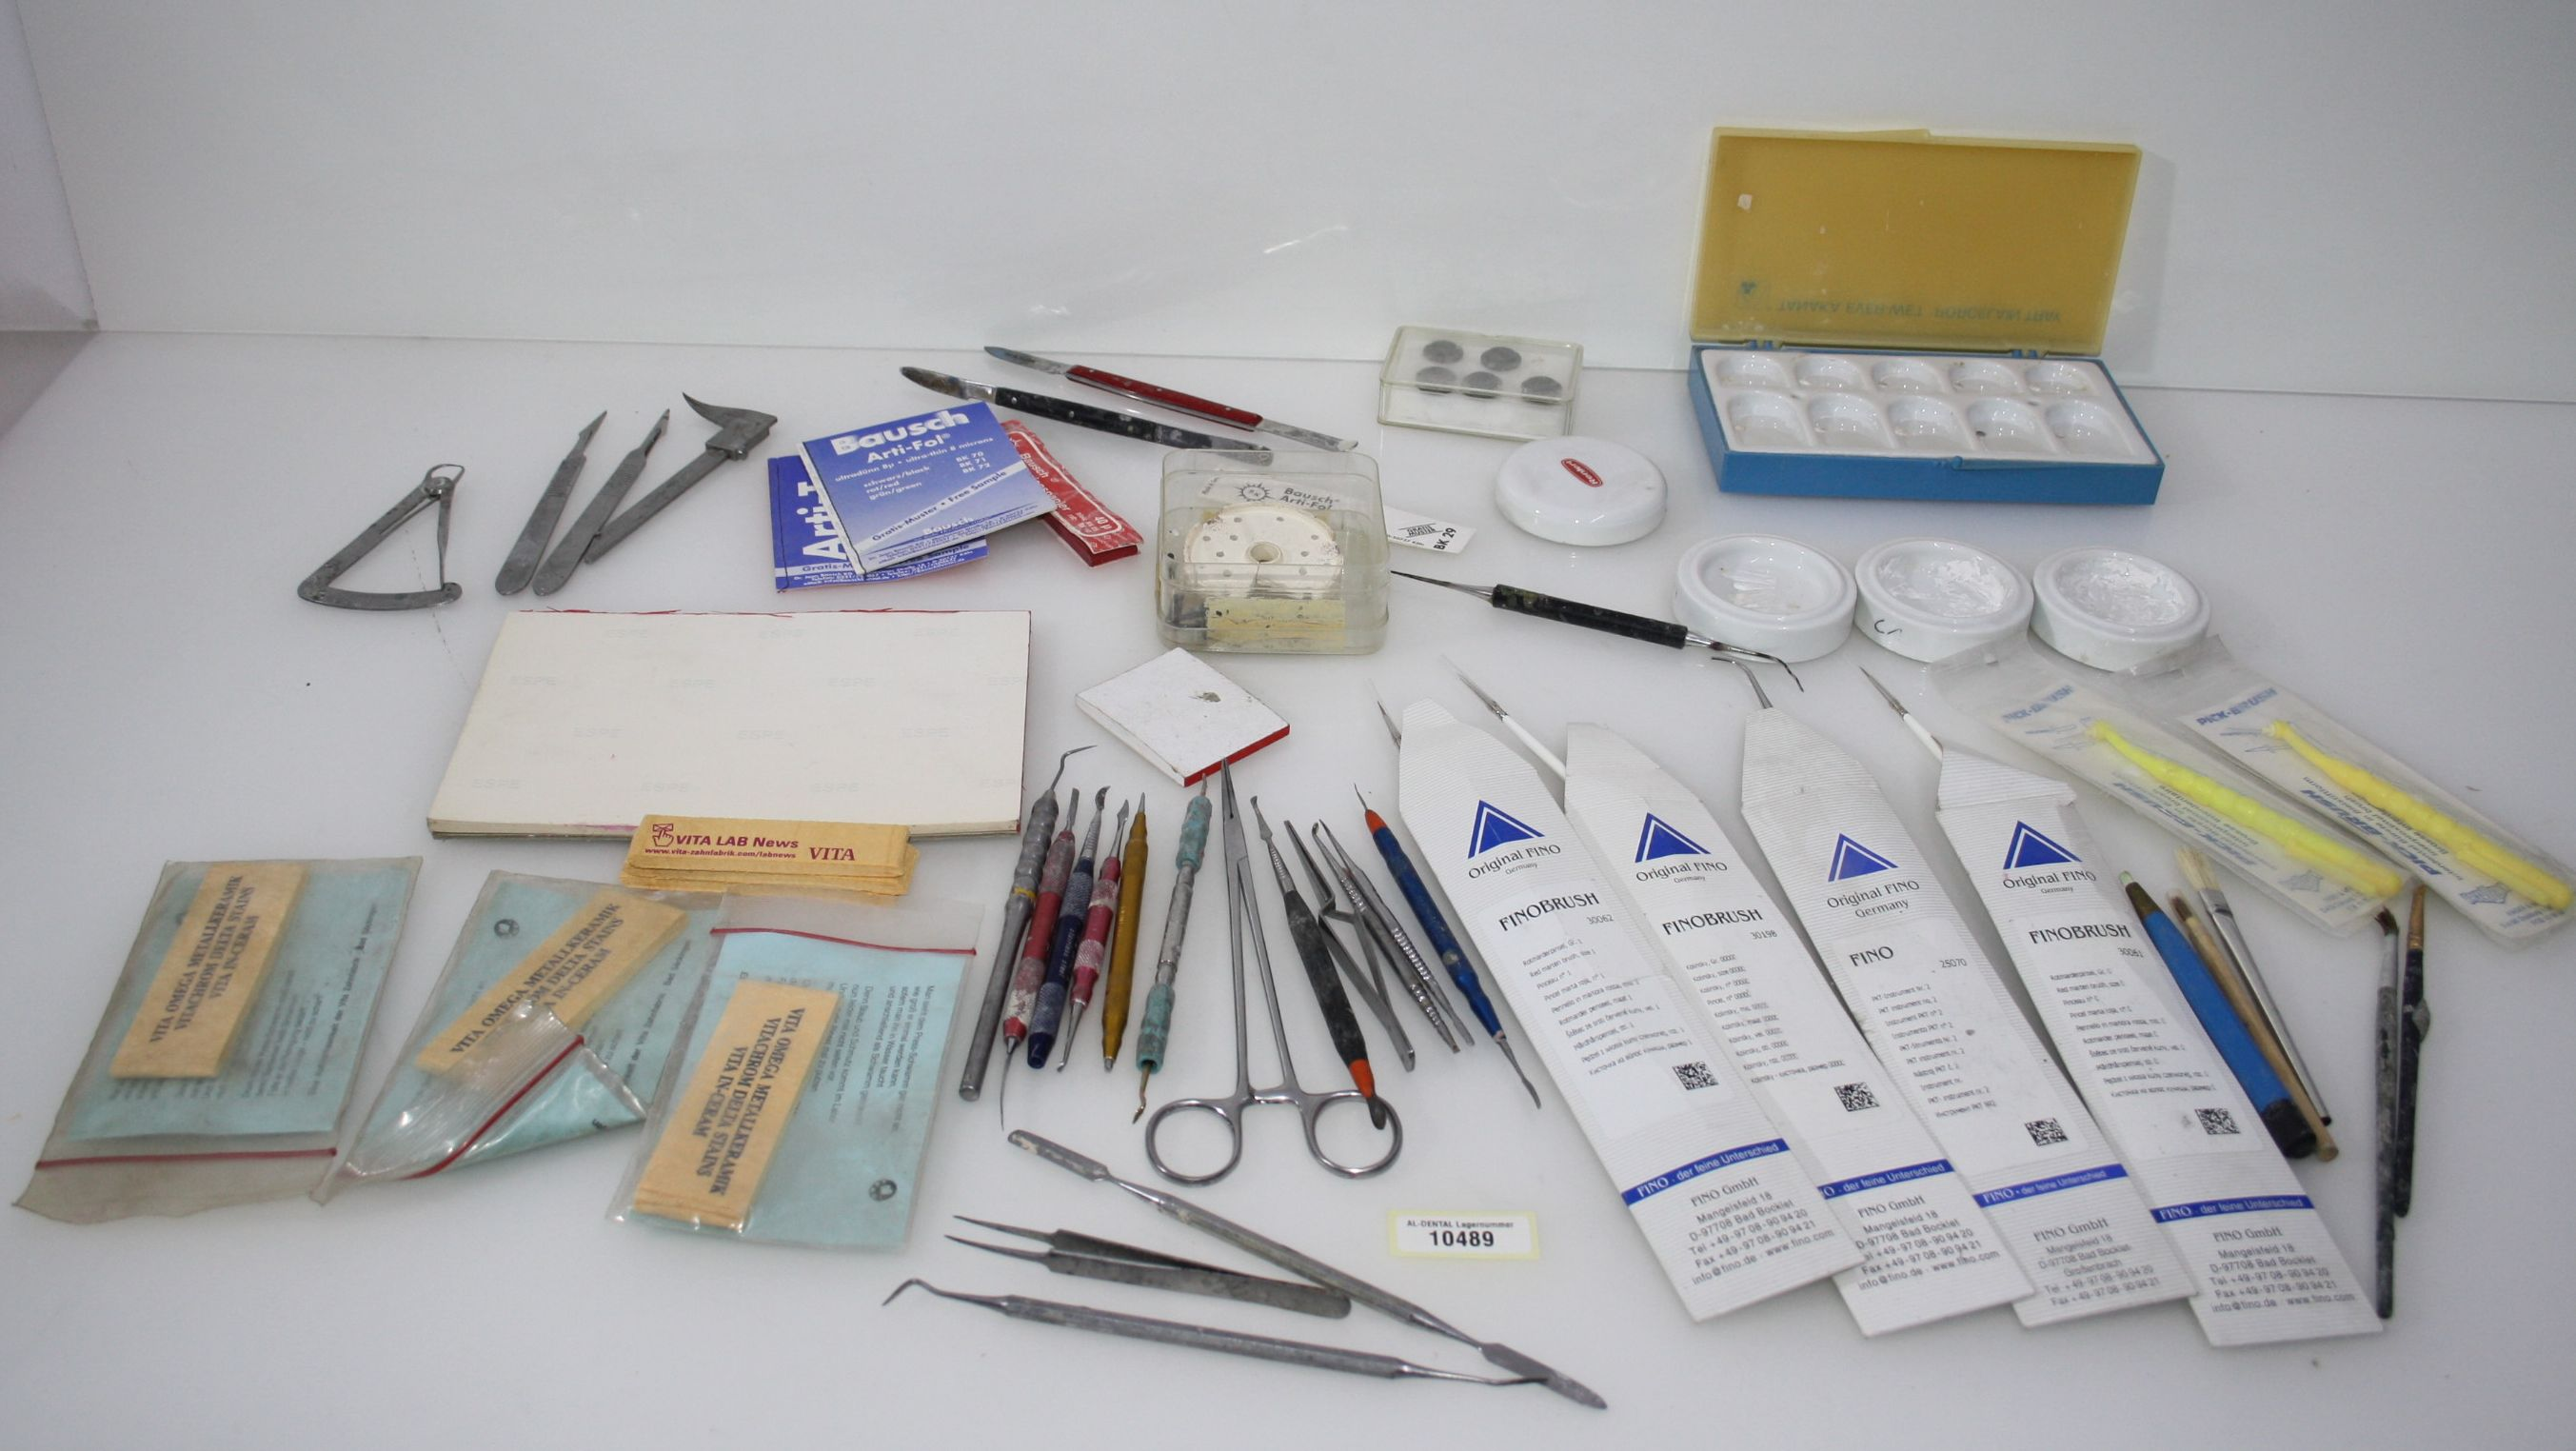 Dentallabor-Restposten - diverse Werkzeuge für die Zahntechnik # 10489